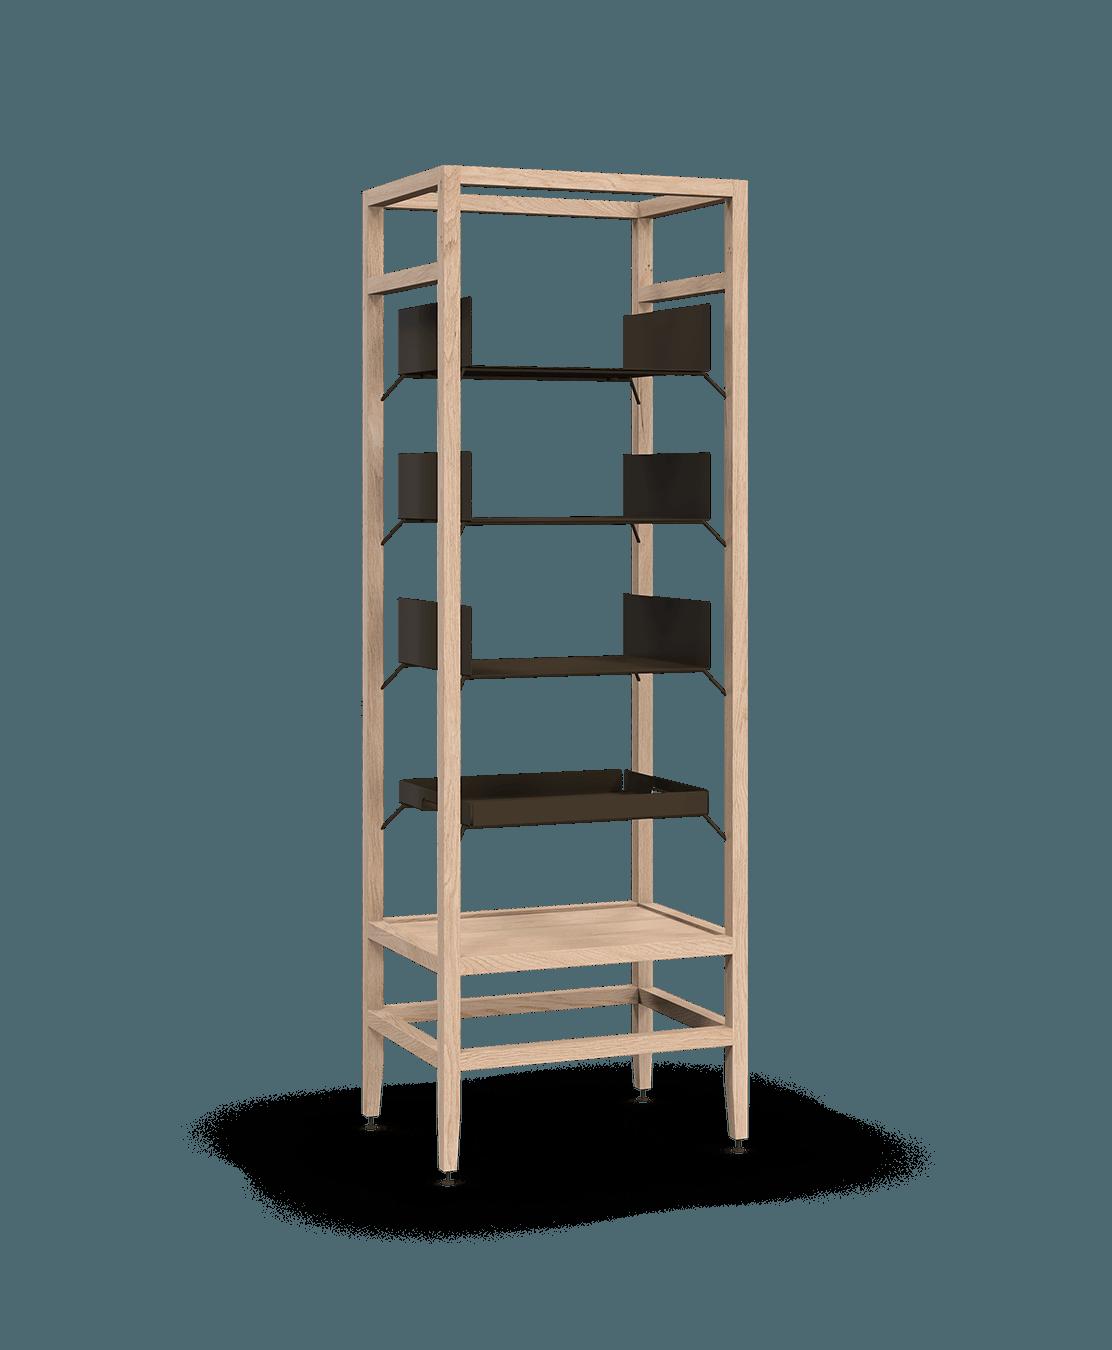 étagère bibliothèque haute modulaire de rangement en bois massif coquo volitare avec 3 tablettes 1 cabaret amovible chêne blanc 24 pouces C2-S-2418-0001-NA